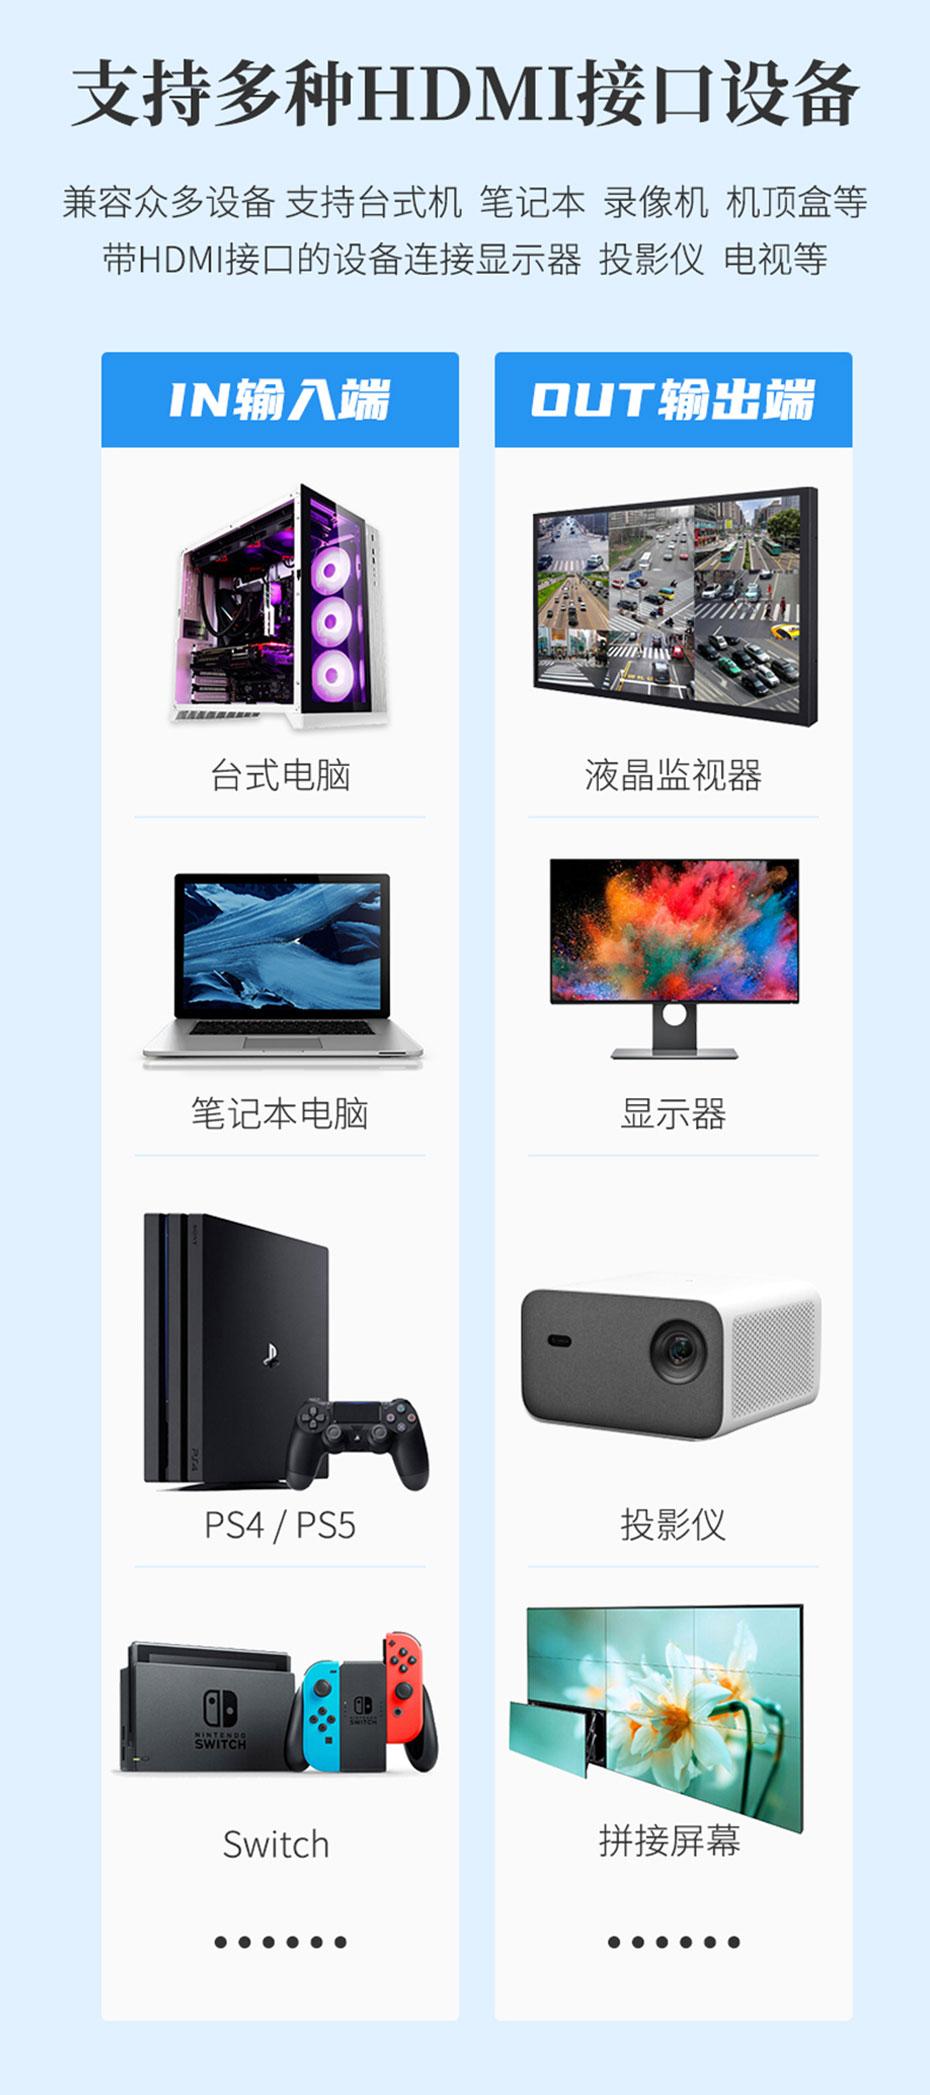 HDMI矩阵16进16出1616H兼容多种HDMI接口设备